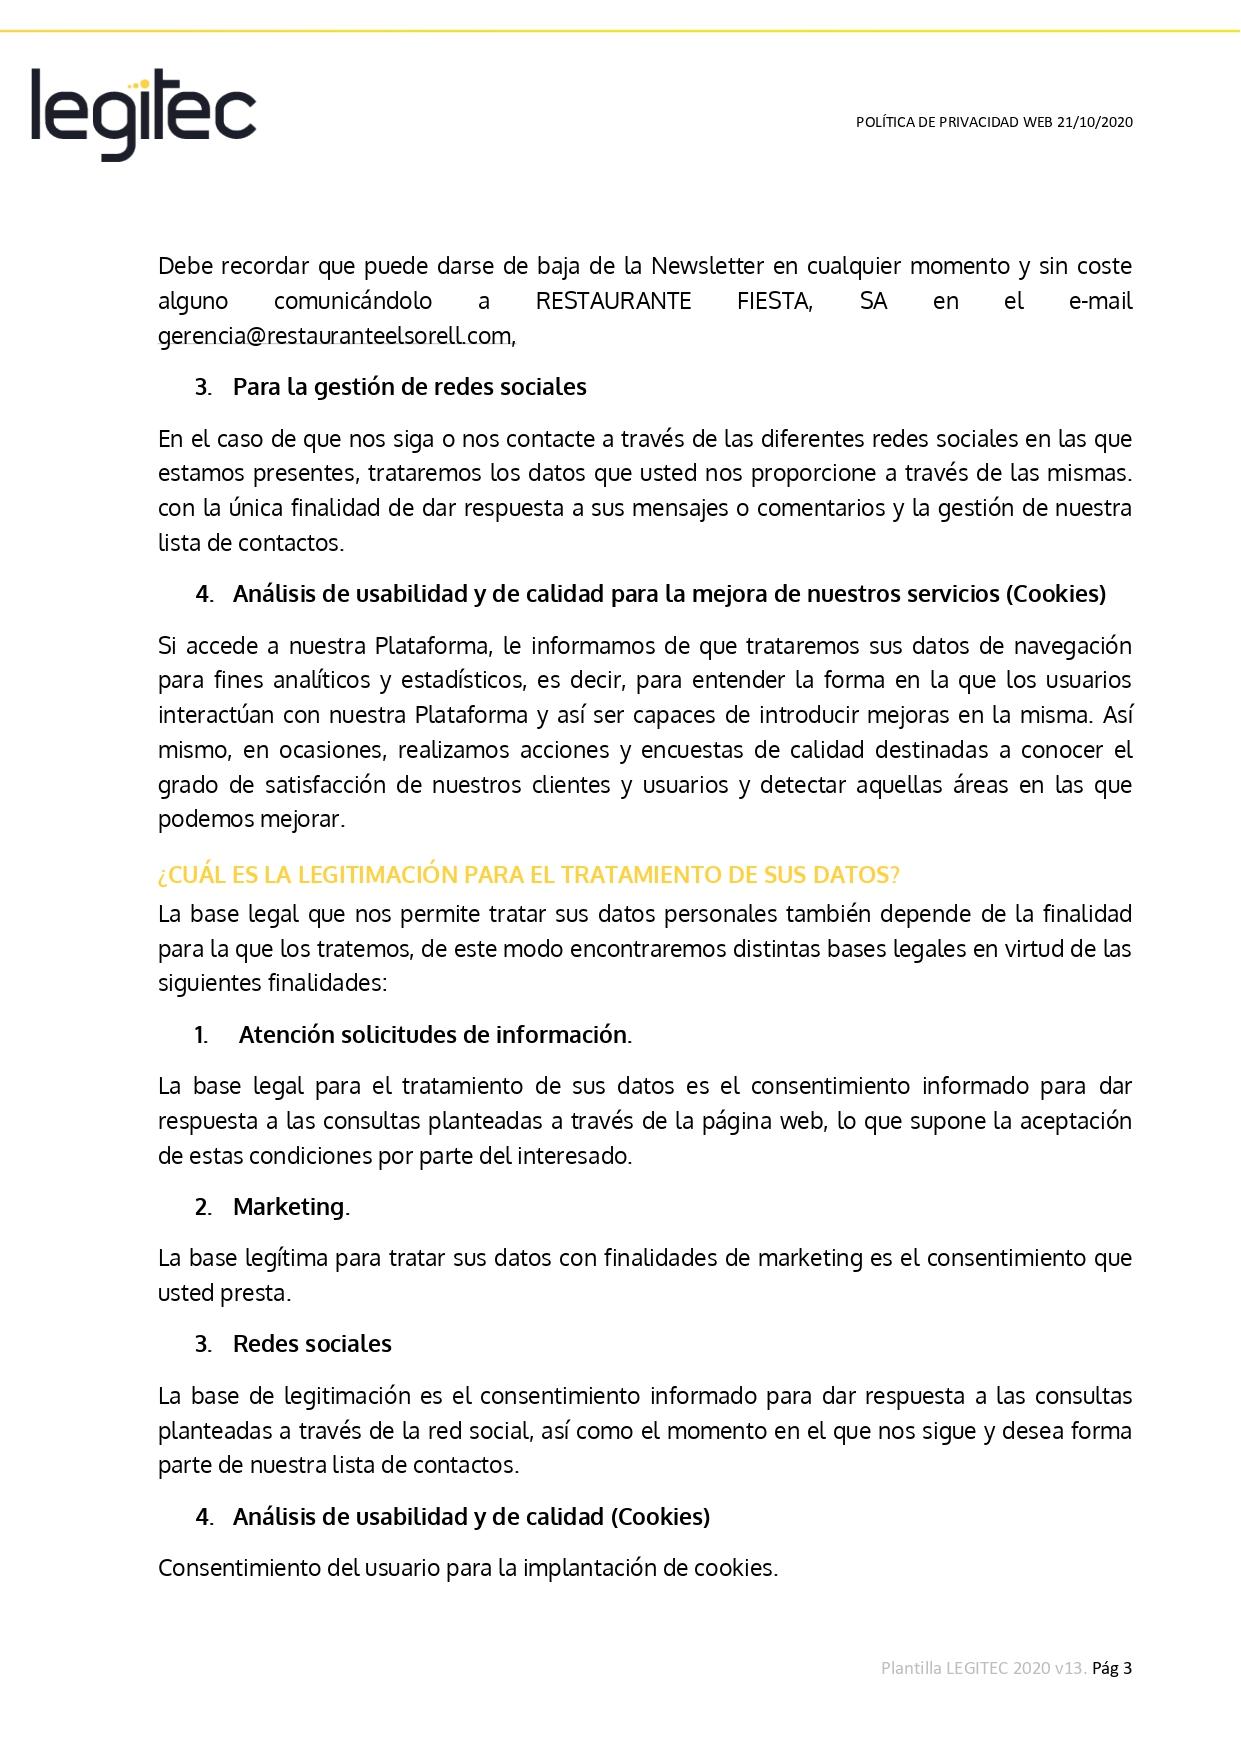 WEB-POLÍTICA-DE-PRIVACIDAD-_page-0003